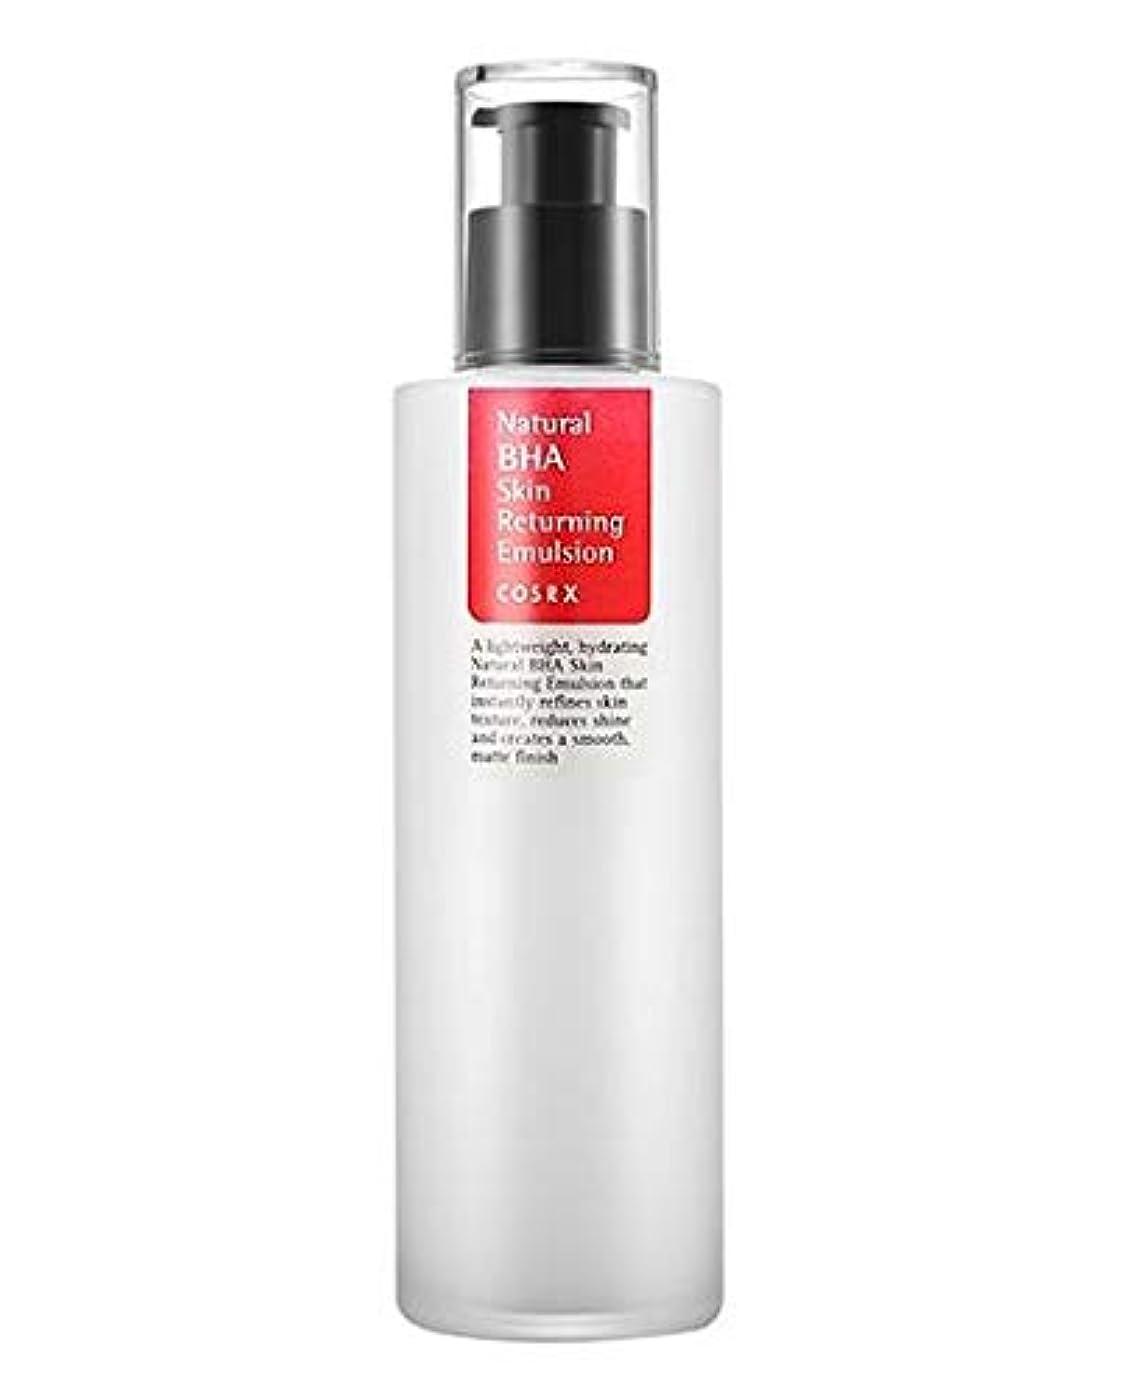 ロッカーピンクダイジェストCOSRX Natural BHA Skin Returning Emulsion (並行輸入品)